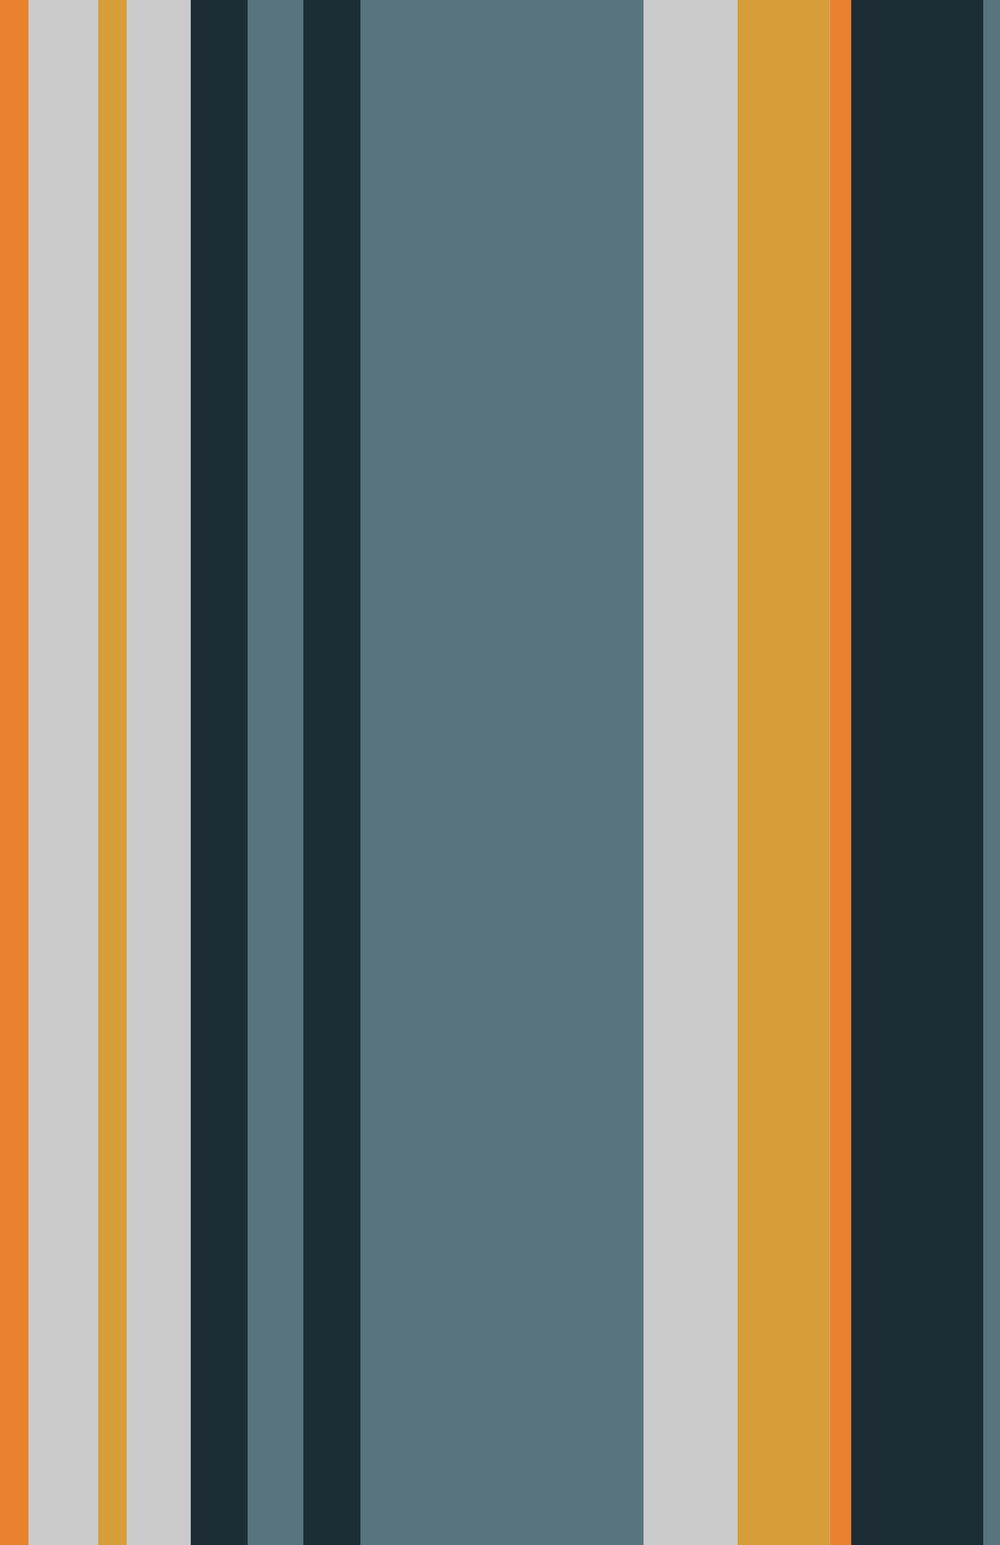 stripe+1.jpg